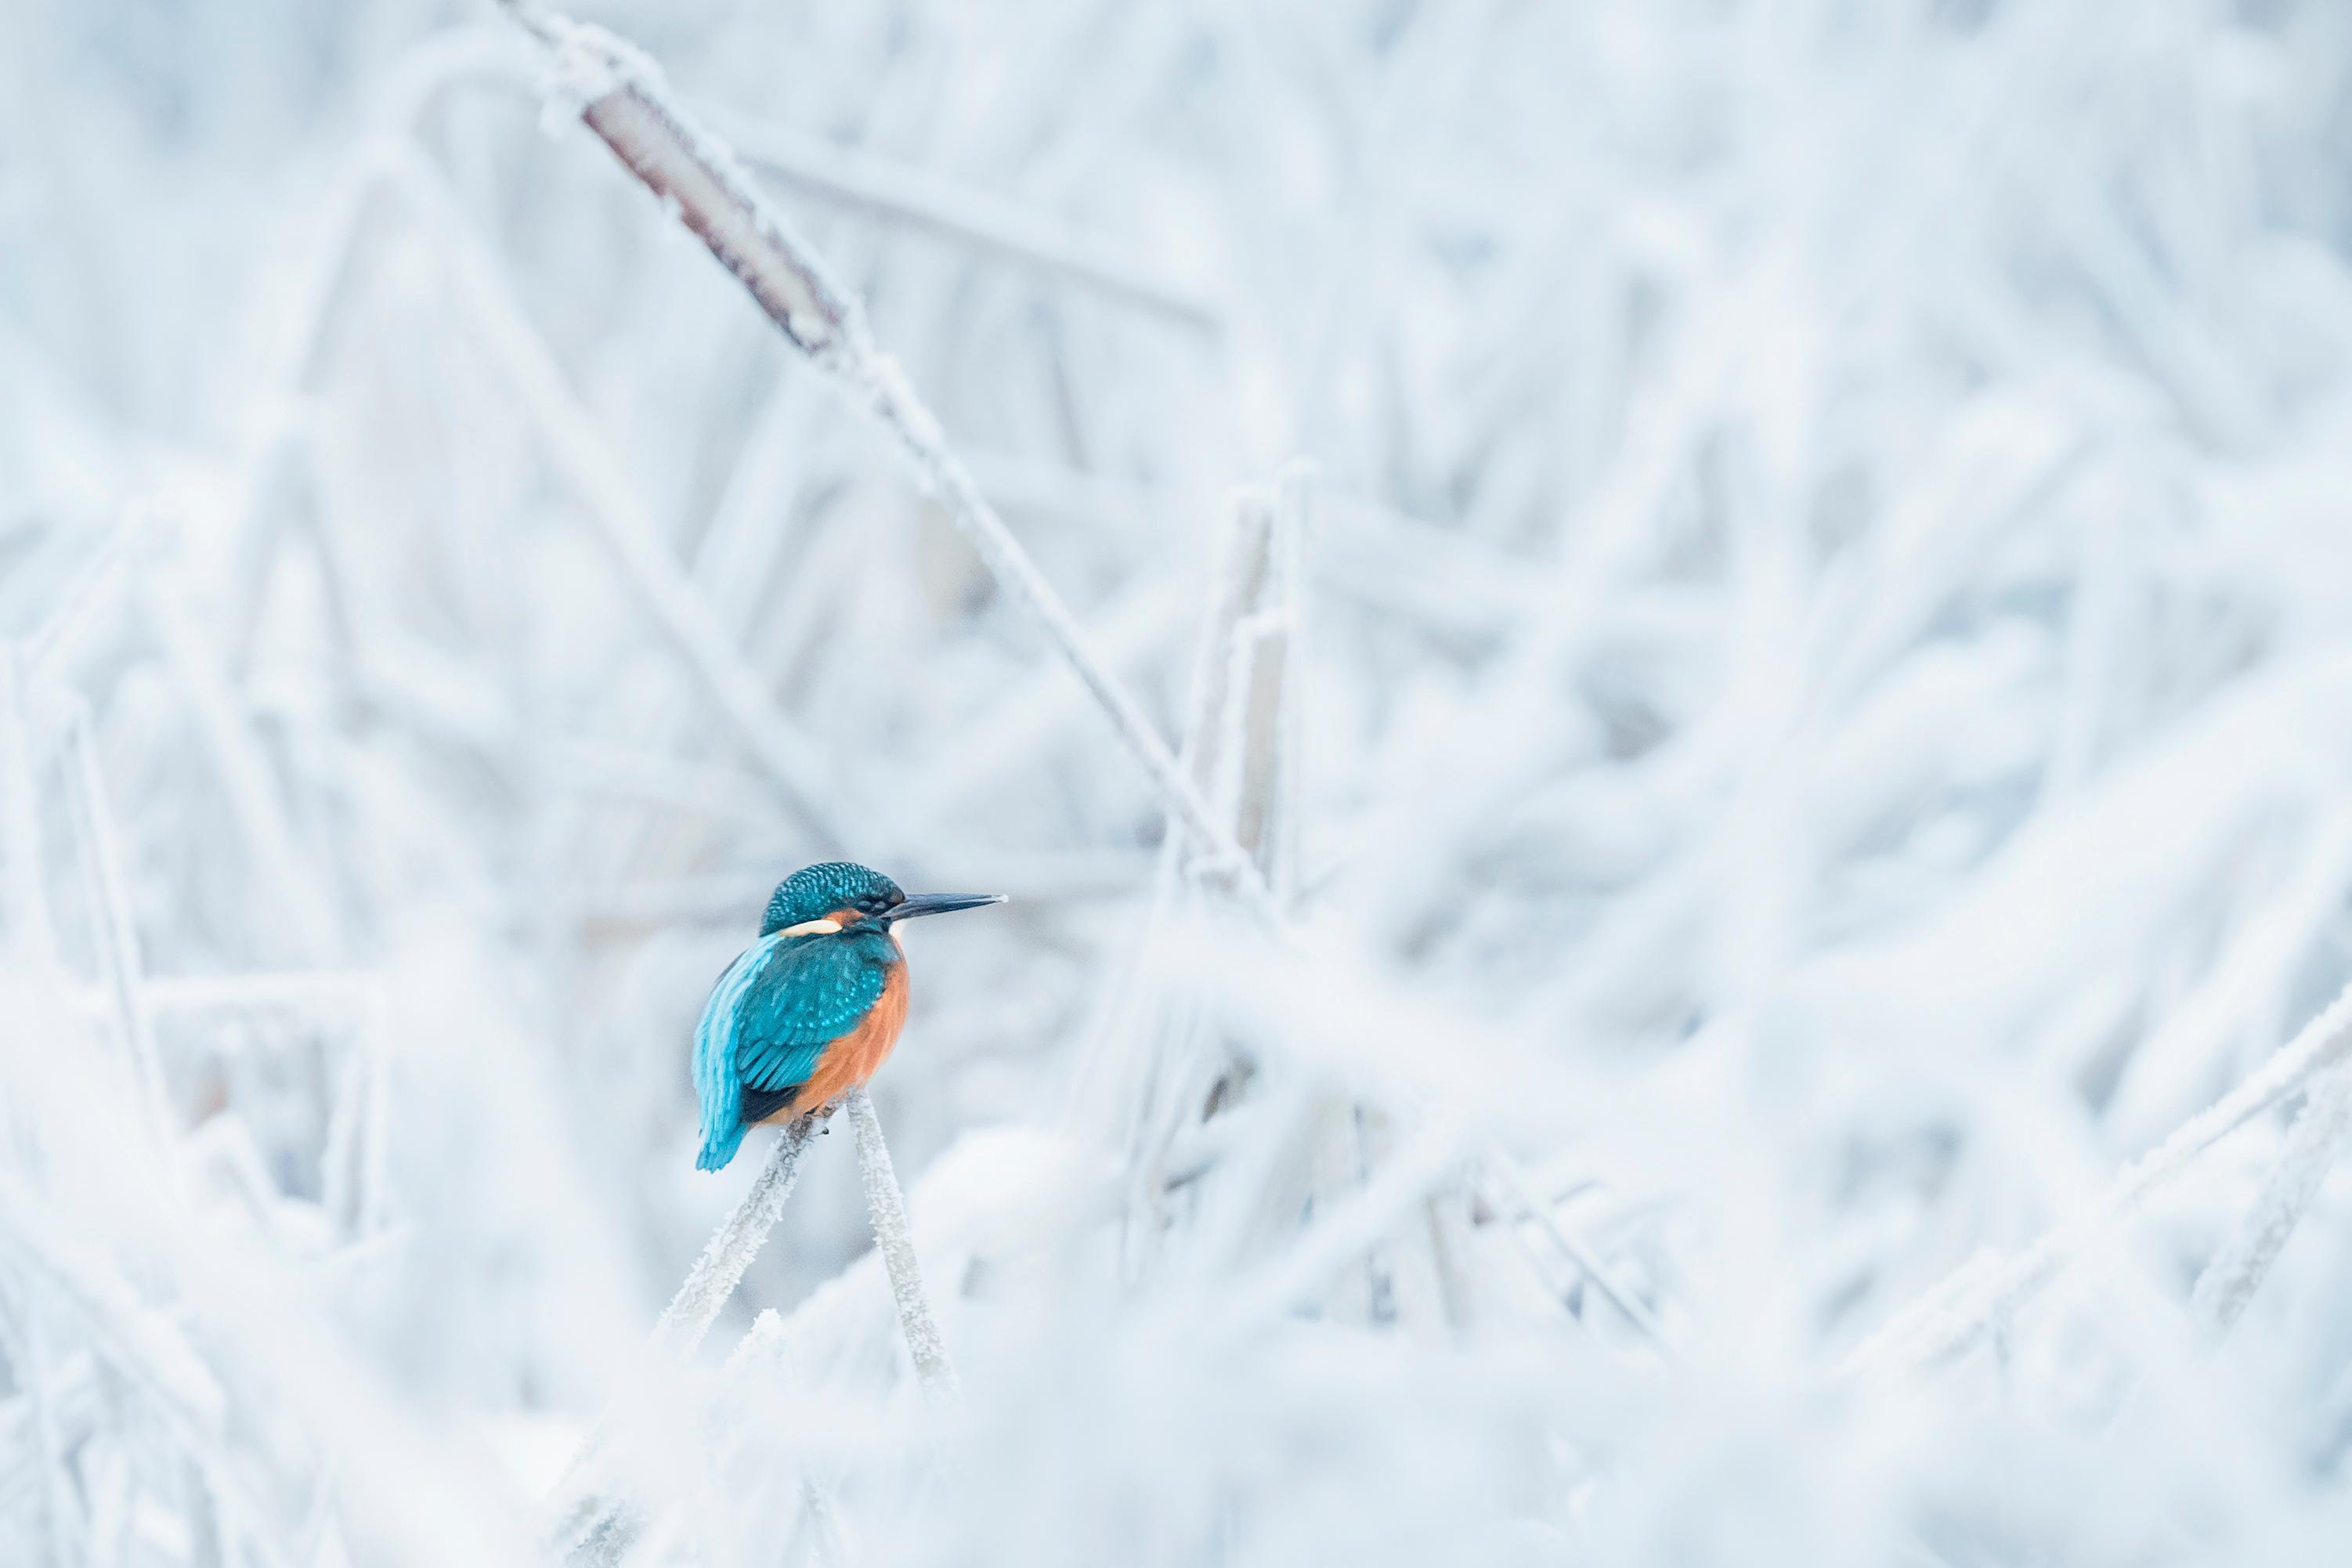 I slutet av februari fångade Kumlafotografen Jonas Classon denna Kungsfiskare vid Kumlas reningsdammar. Det öppna vattnet där fick fåglarna att söka sig dit, liksom ornitologerna.